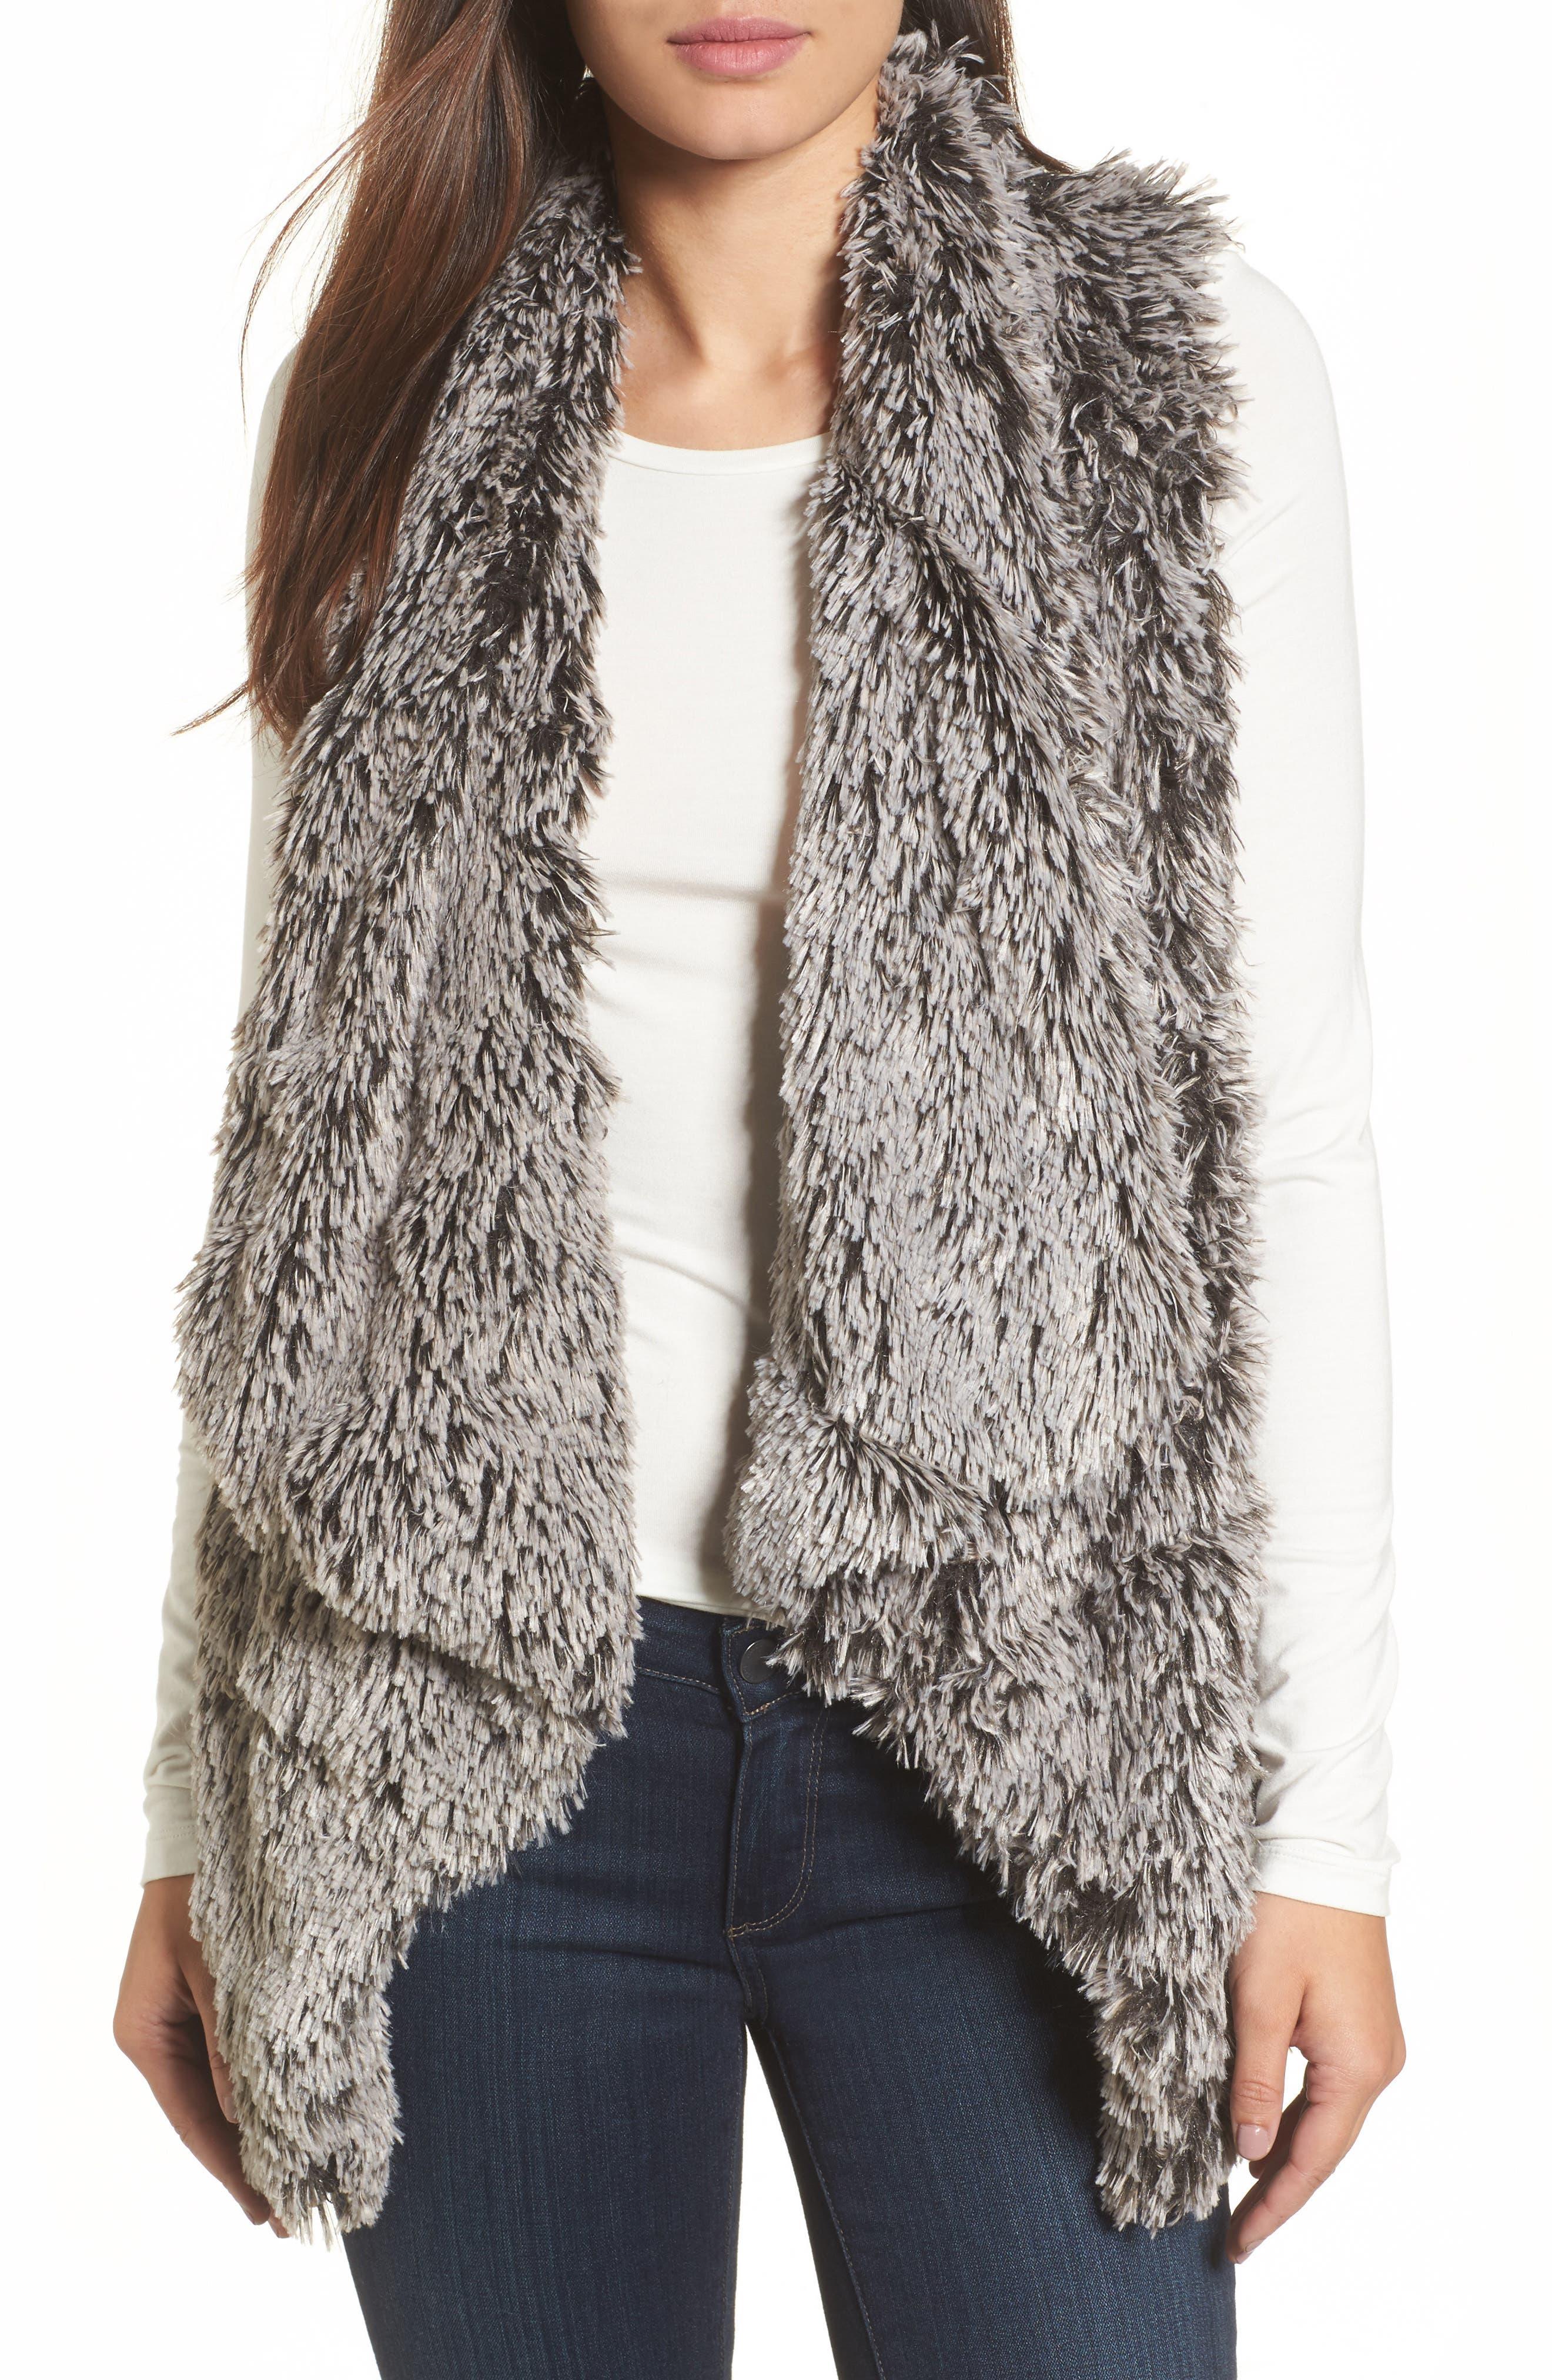 Alternate Image 1 Selected - Wit & Wisdom Faux Fur Drape Front Vest (Nordstrom Exclusive)